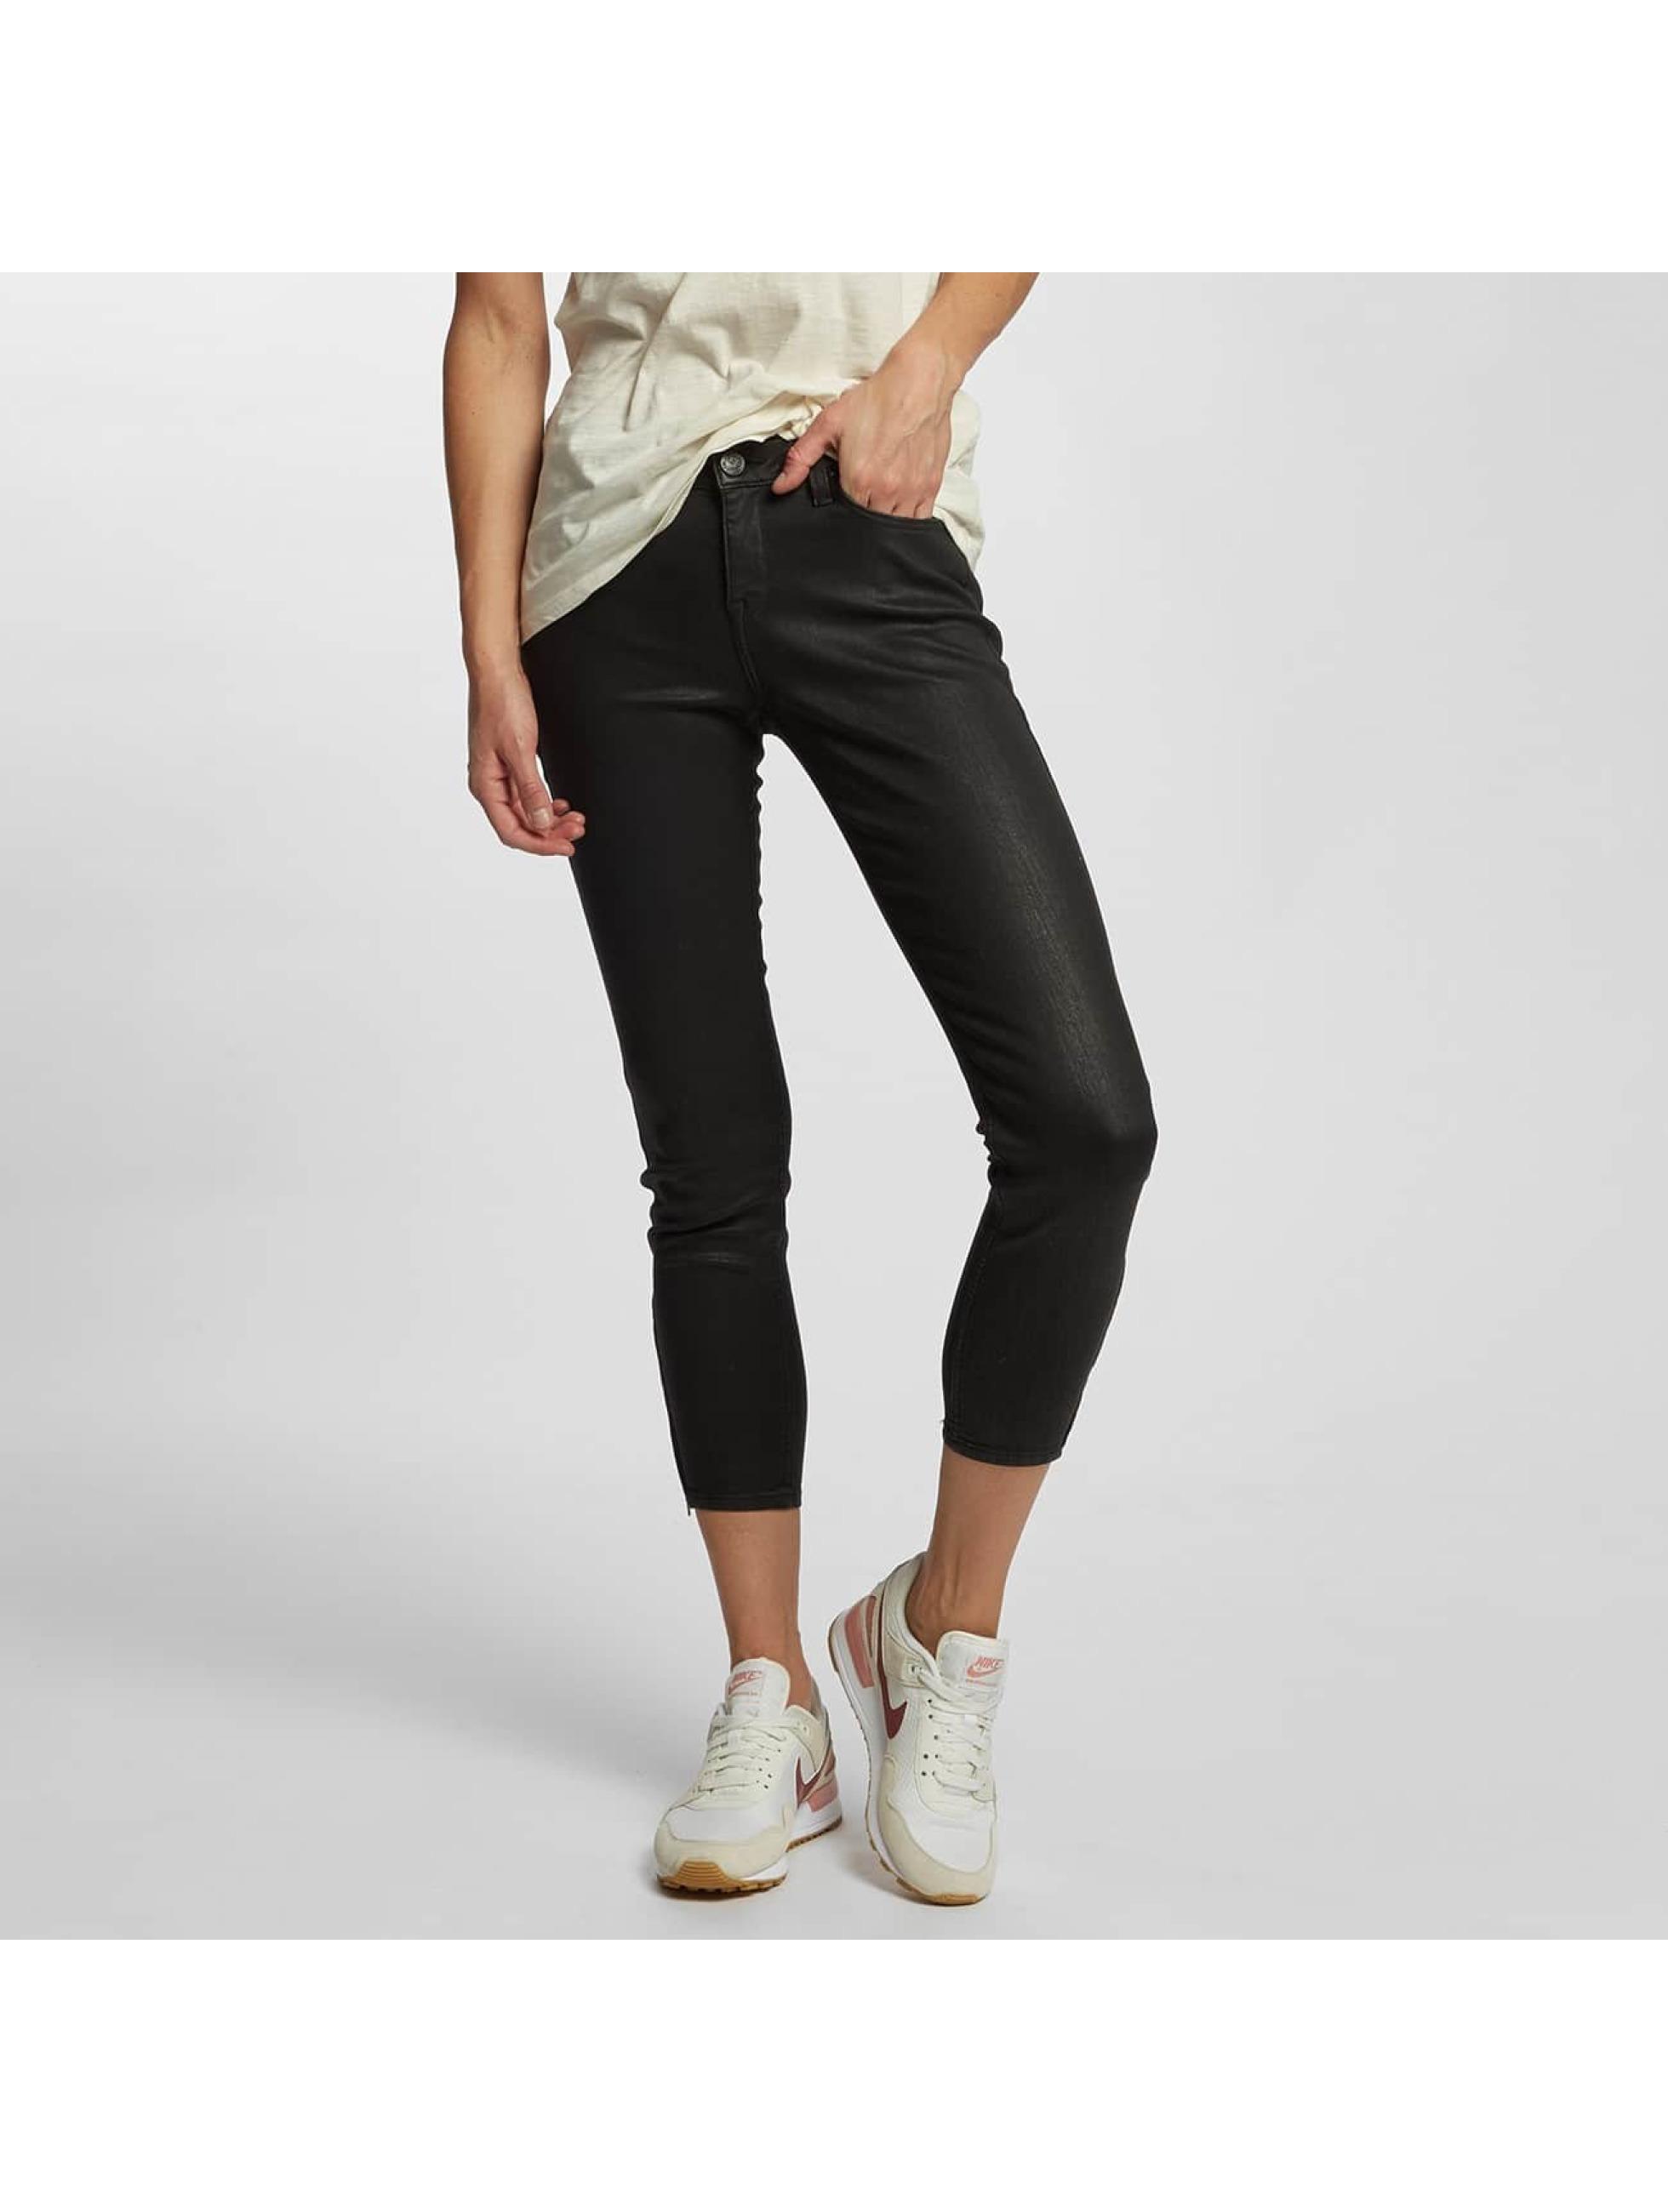 lee damen jeans skinny jeans scarlett cropped ebay. Black Bedroom Furniture Sets. Home Design Ideas